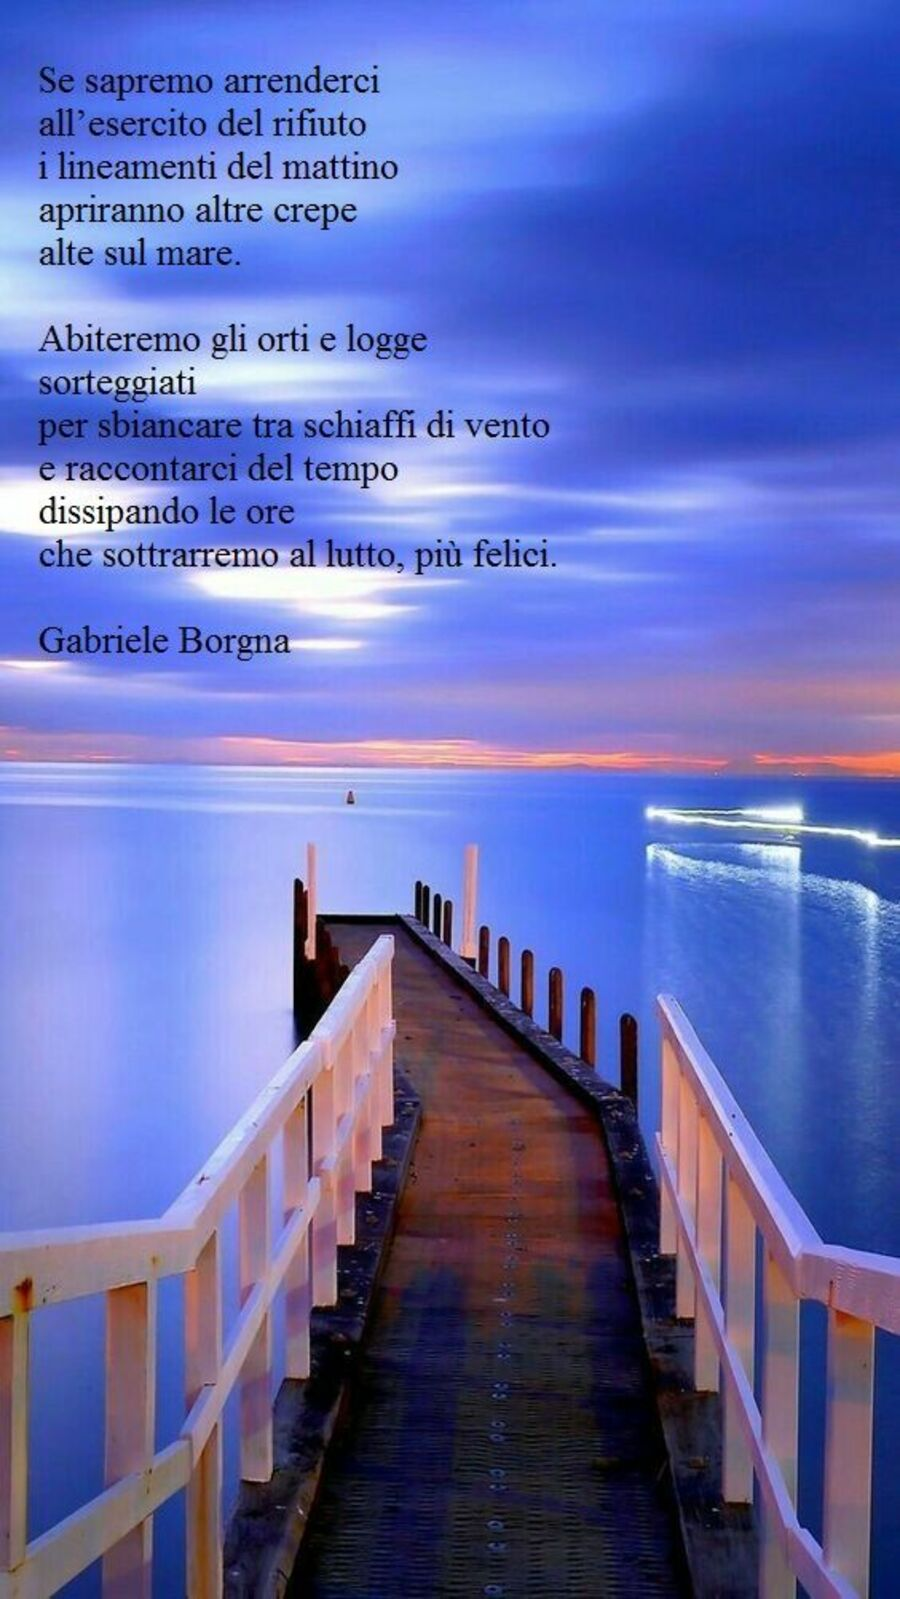 poesie-013